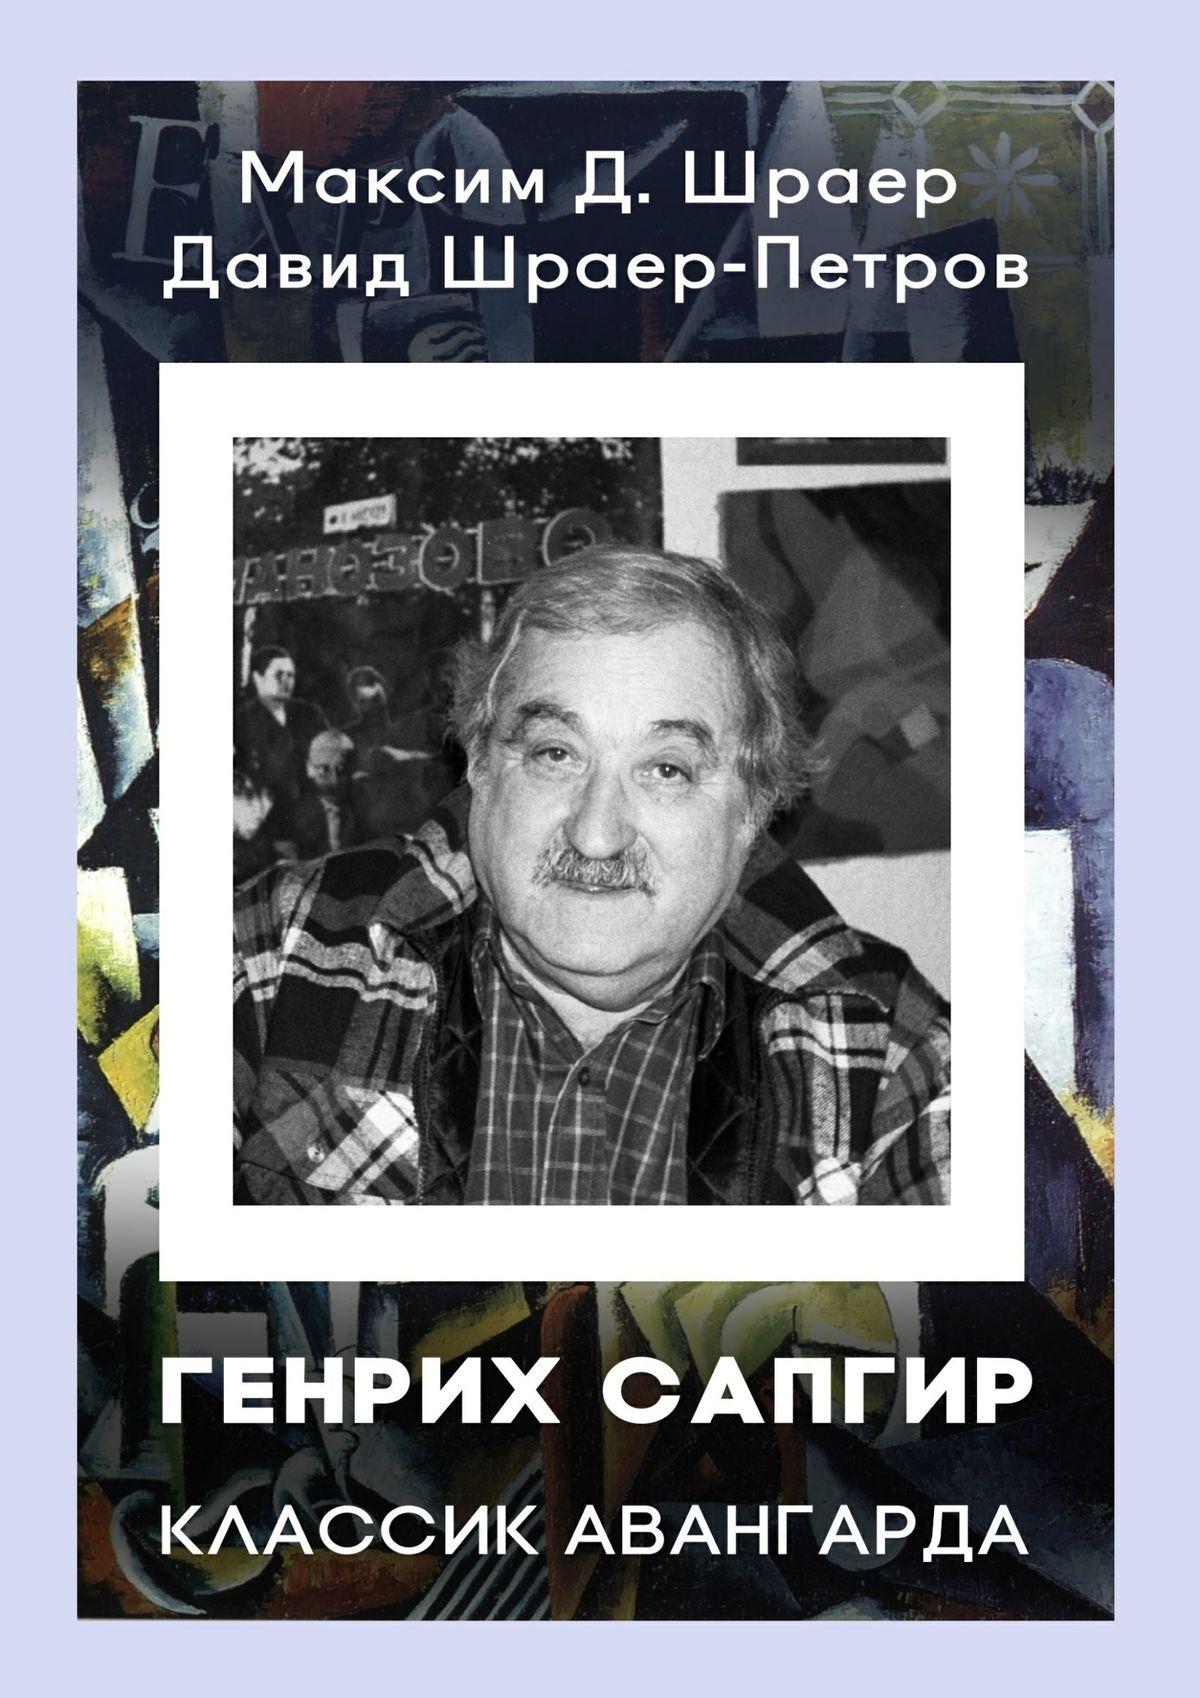 ГЕНРИХ САПГИР классикавангарда. 3-еиздание, исправленное